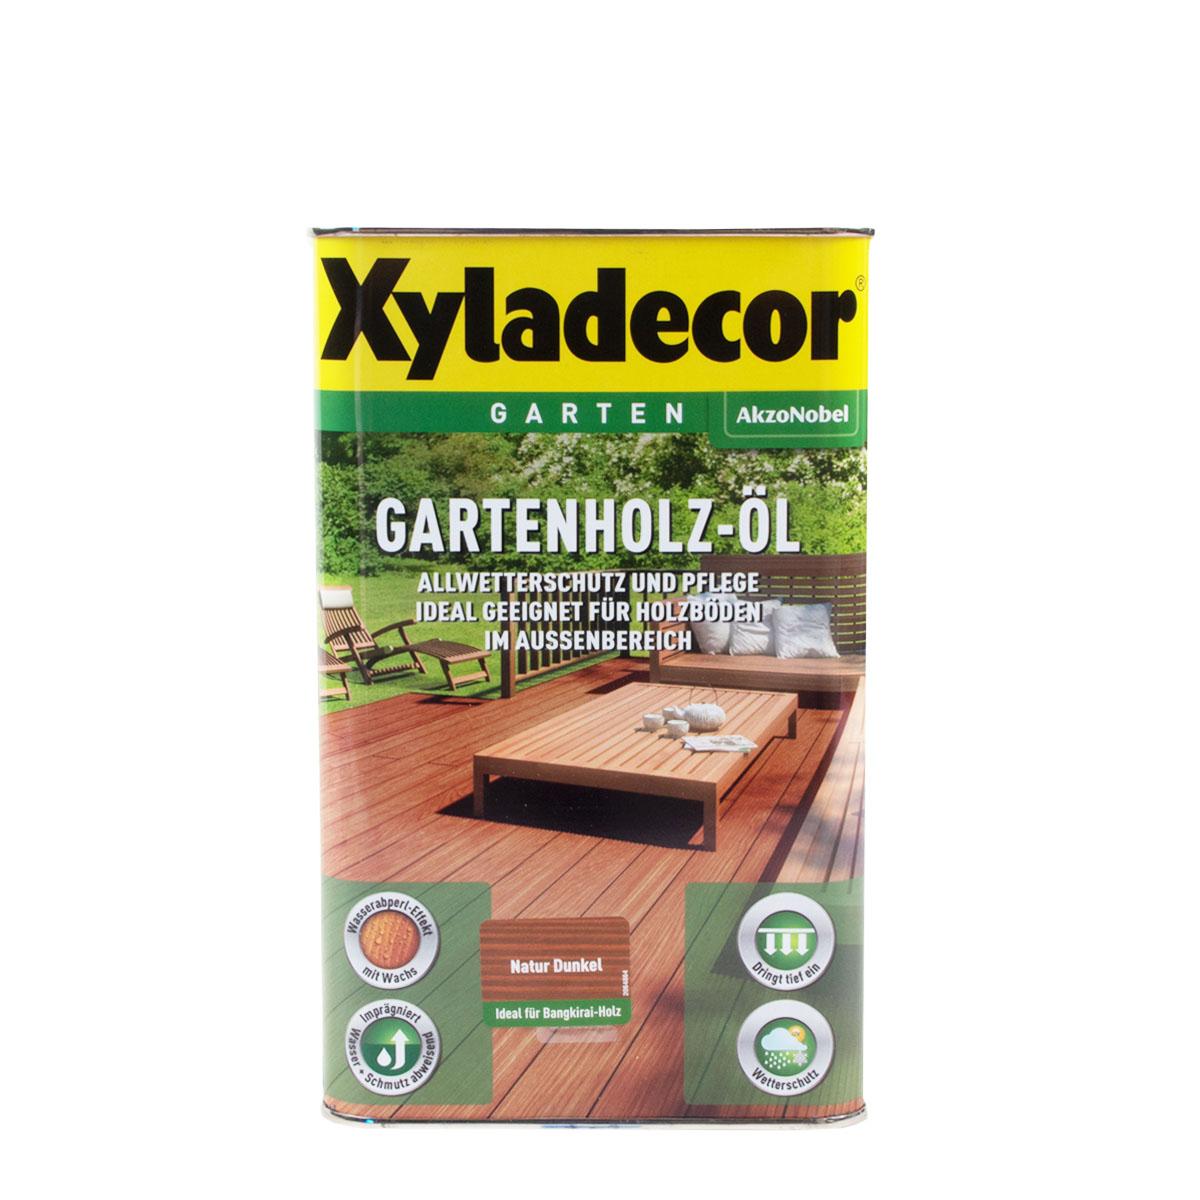 Xyladecor Gartenholz-Öl Natur Dunkel 2,5L